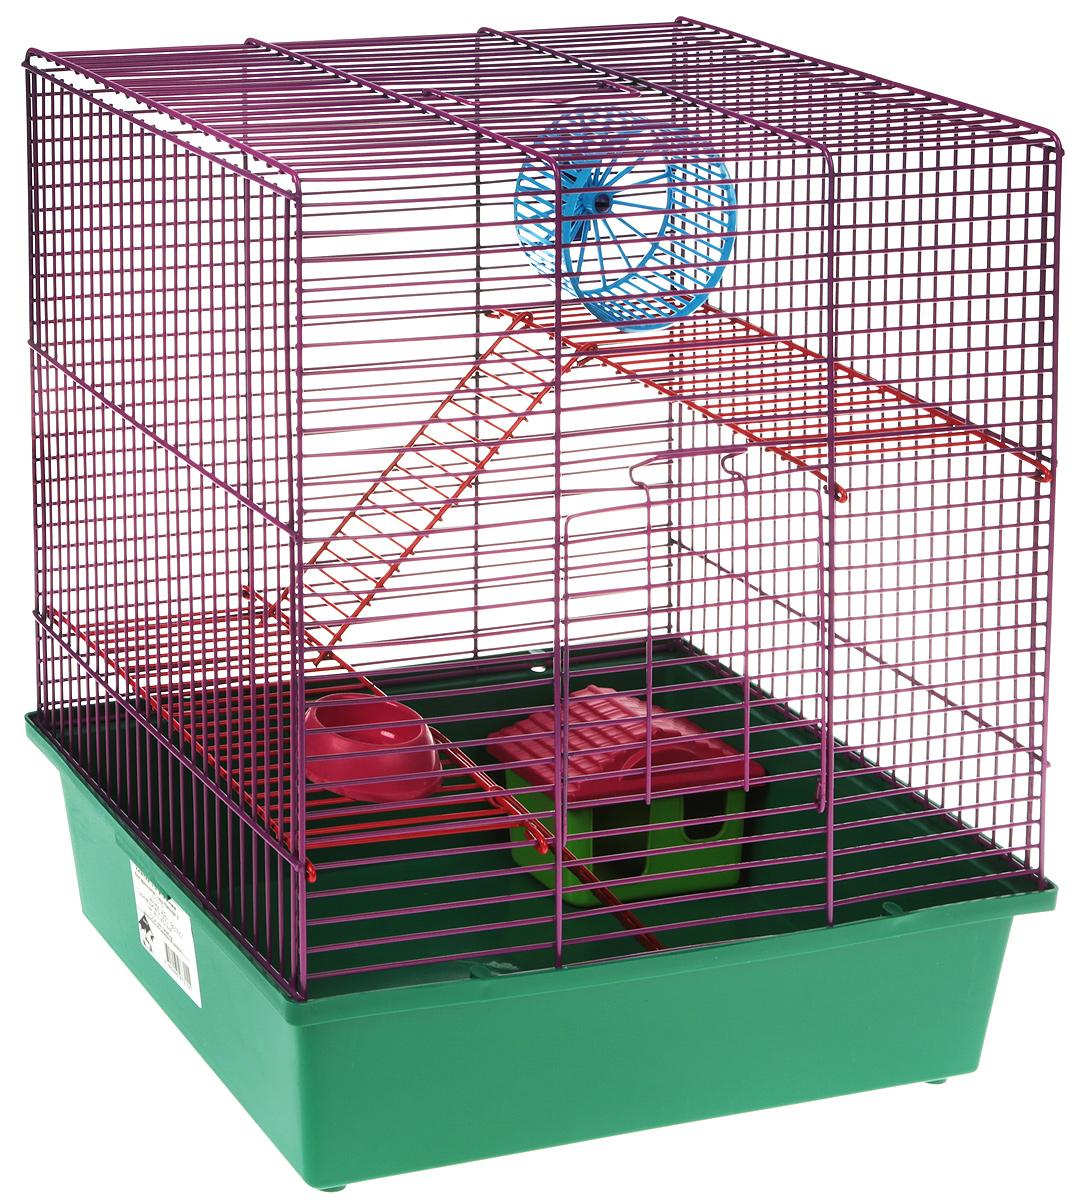 Клетка для грызунов Велес  Lusy Hamster-3к , 3-этажная, цвет: зеленый, фиолетовый, 35 х 26 х 40 см - Клетки, вольеры, будки